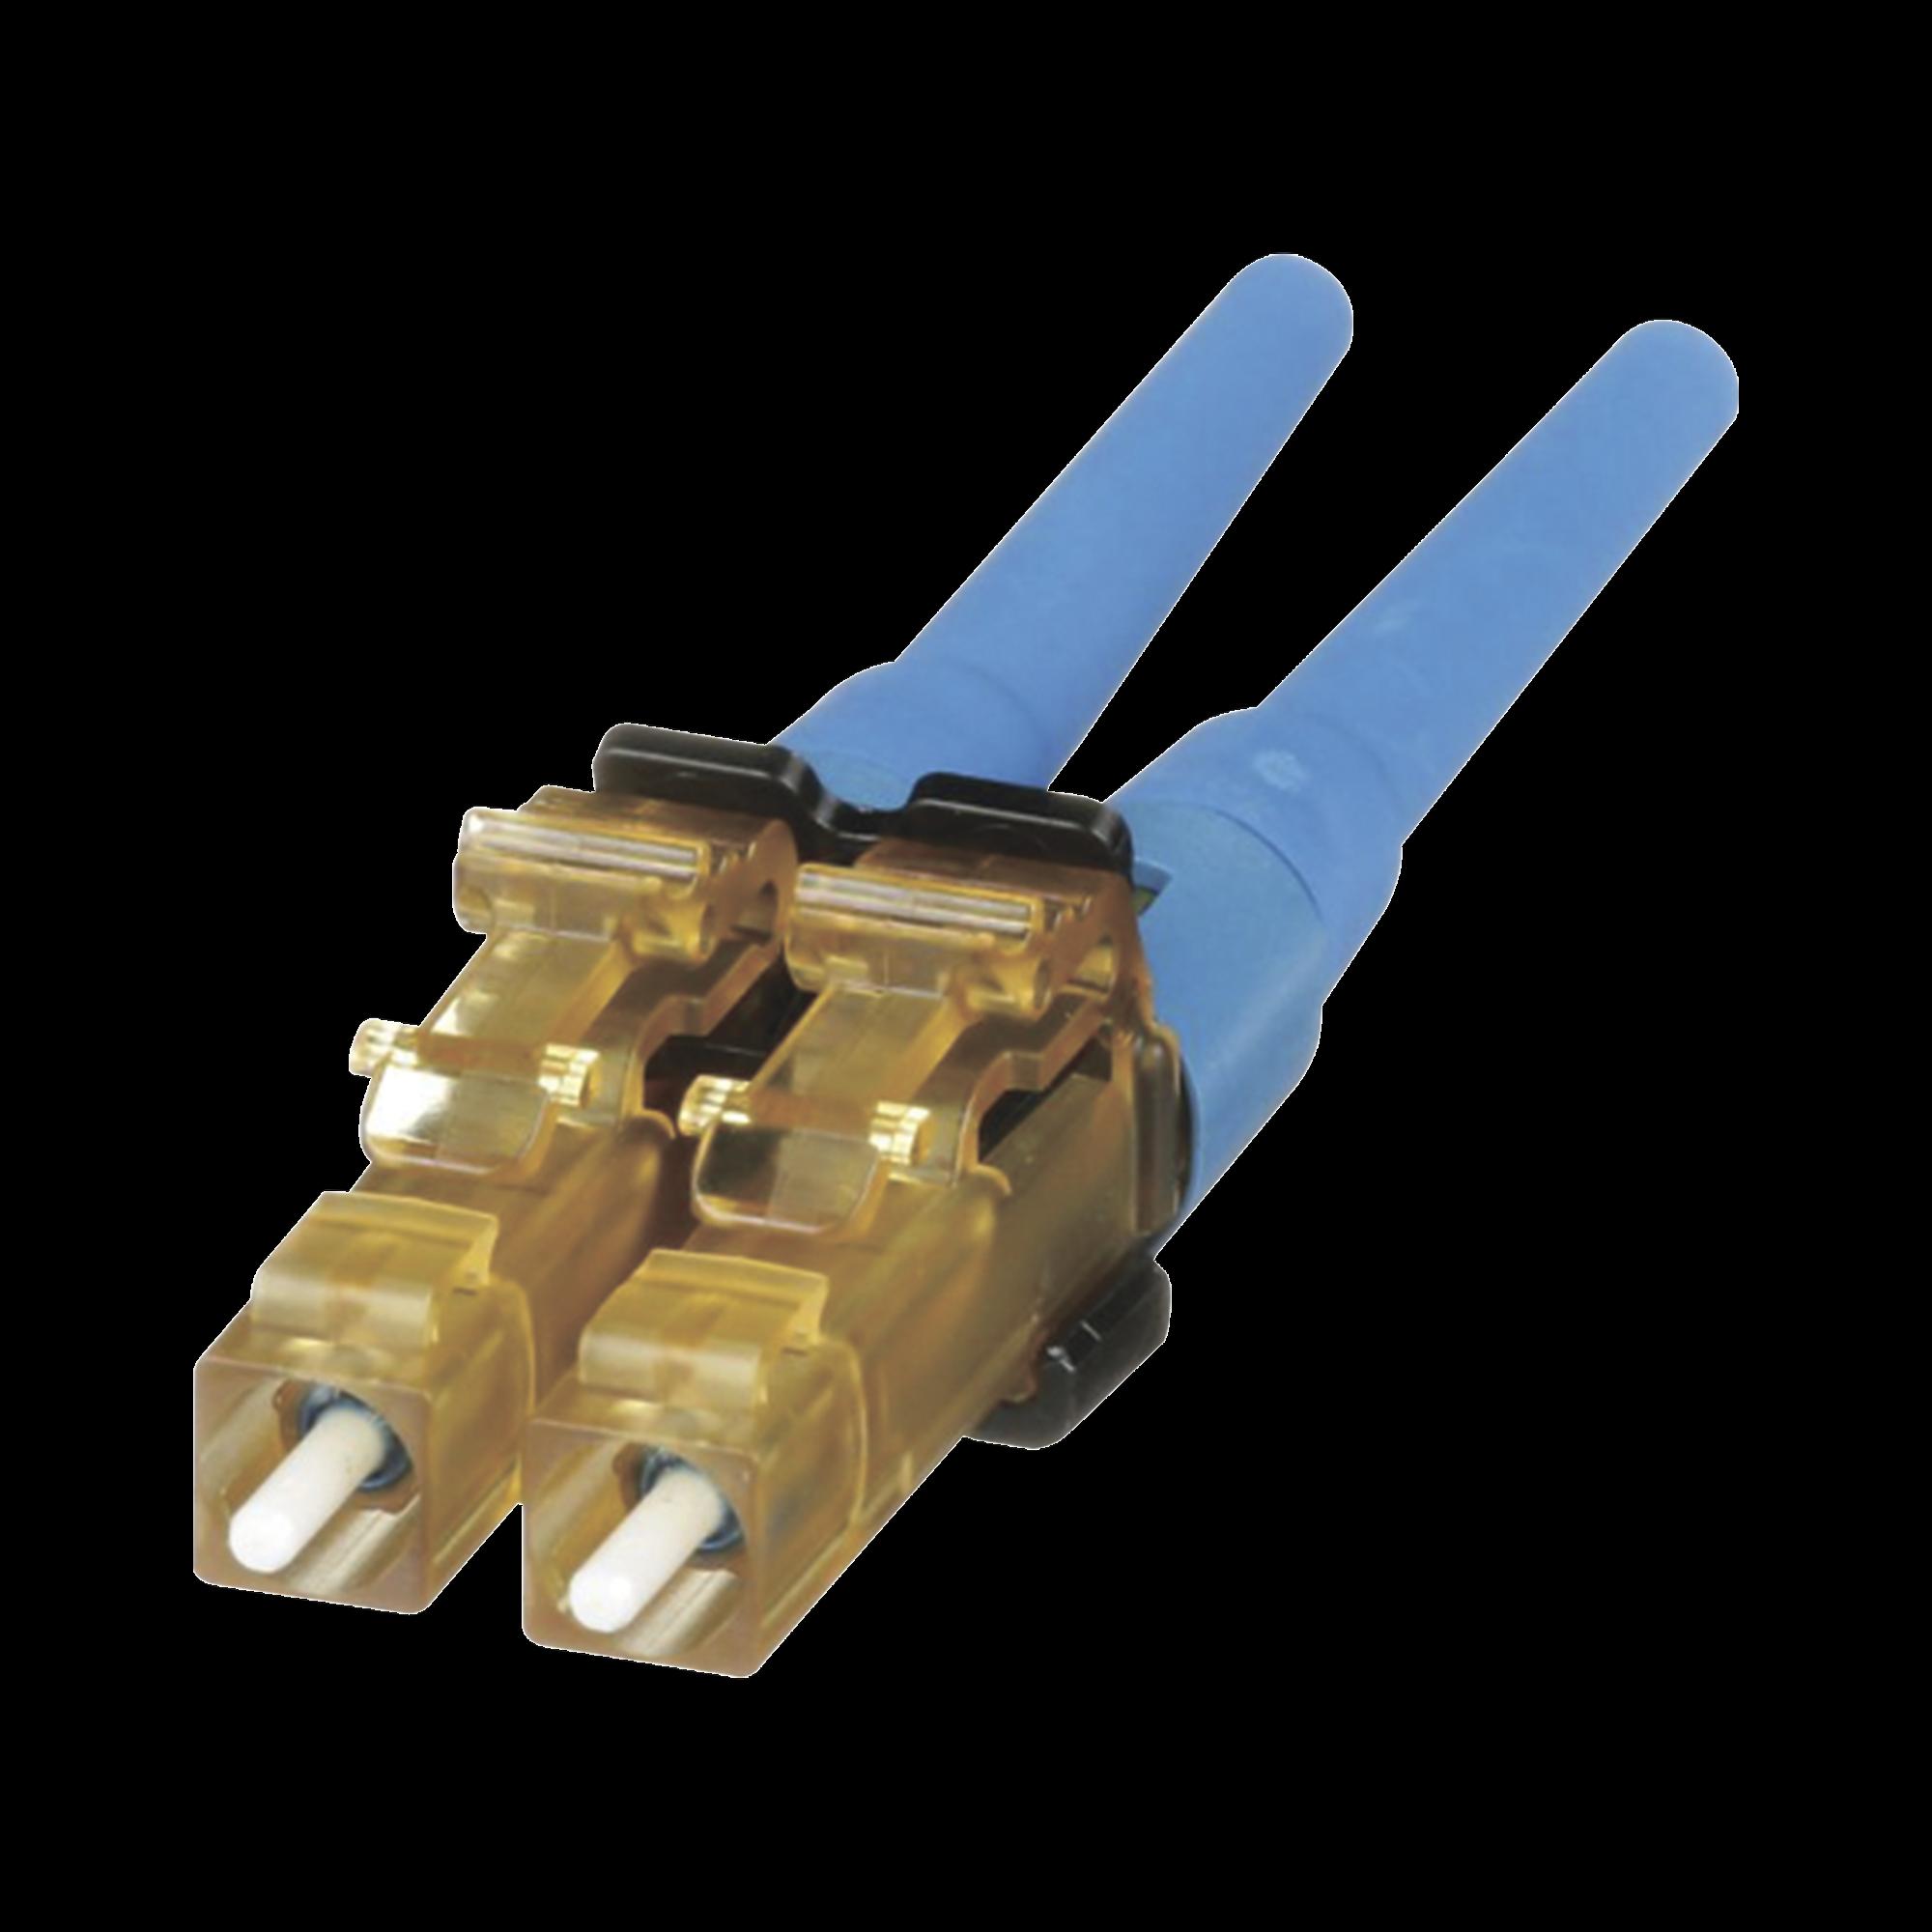 Conector de Fibra óptica LC Duplex OptiCam, Monomodo 9/125 OS2, Pre-pulido, Color Azul